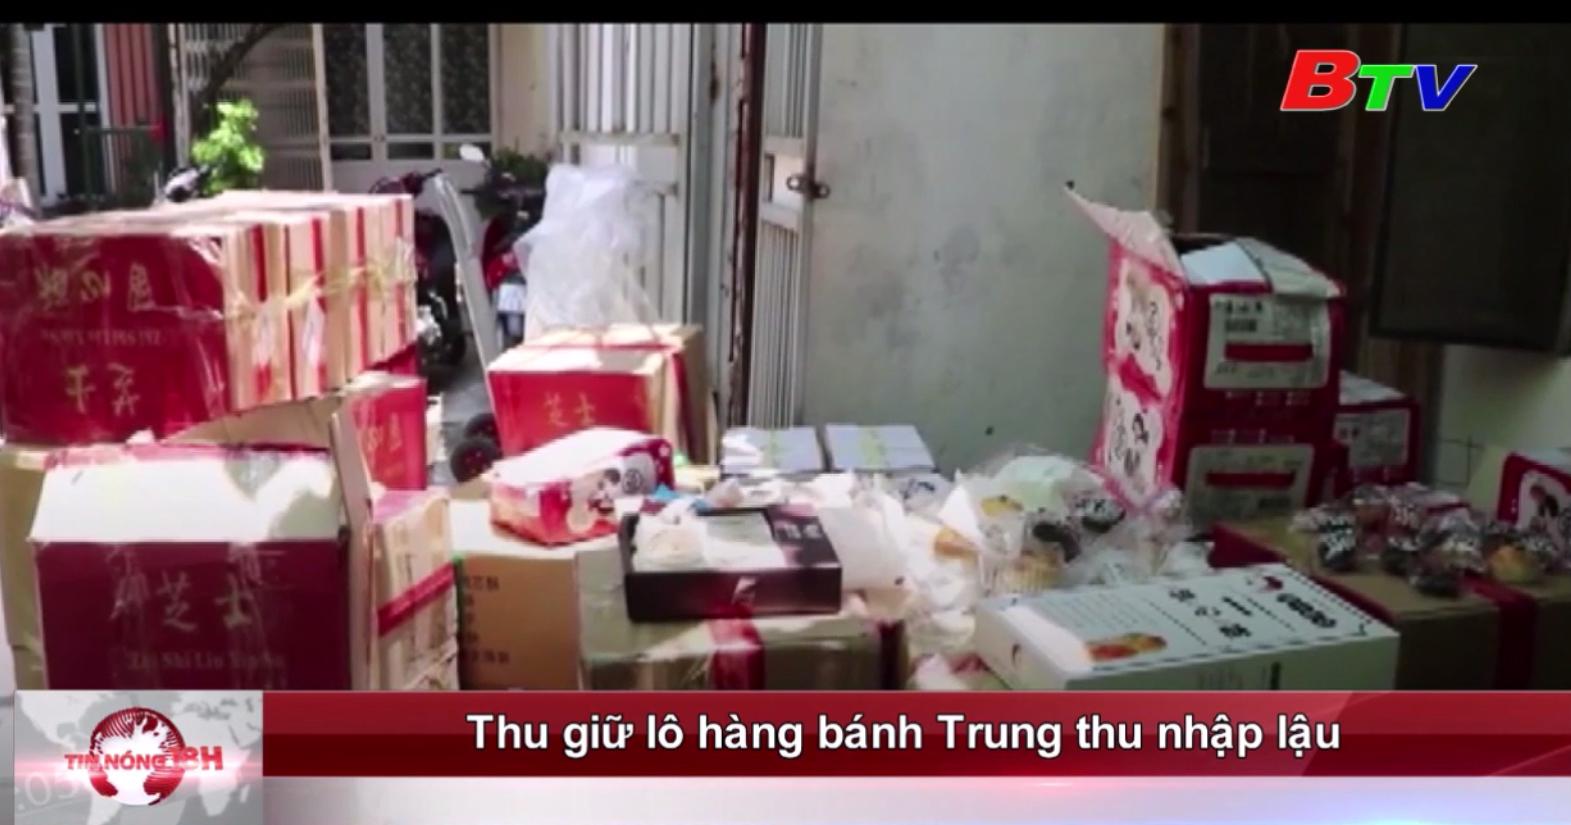 Thu giữ lô hàng bánh Trung thu nhập lậu